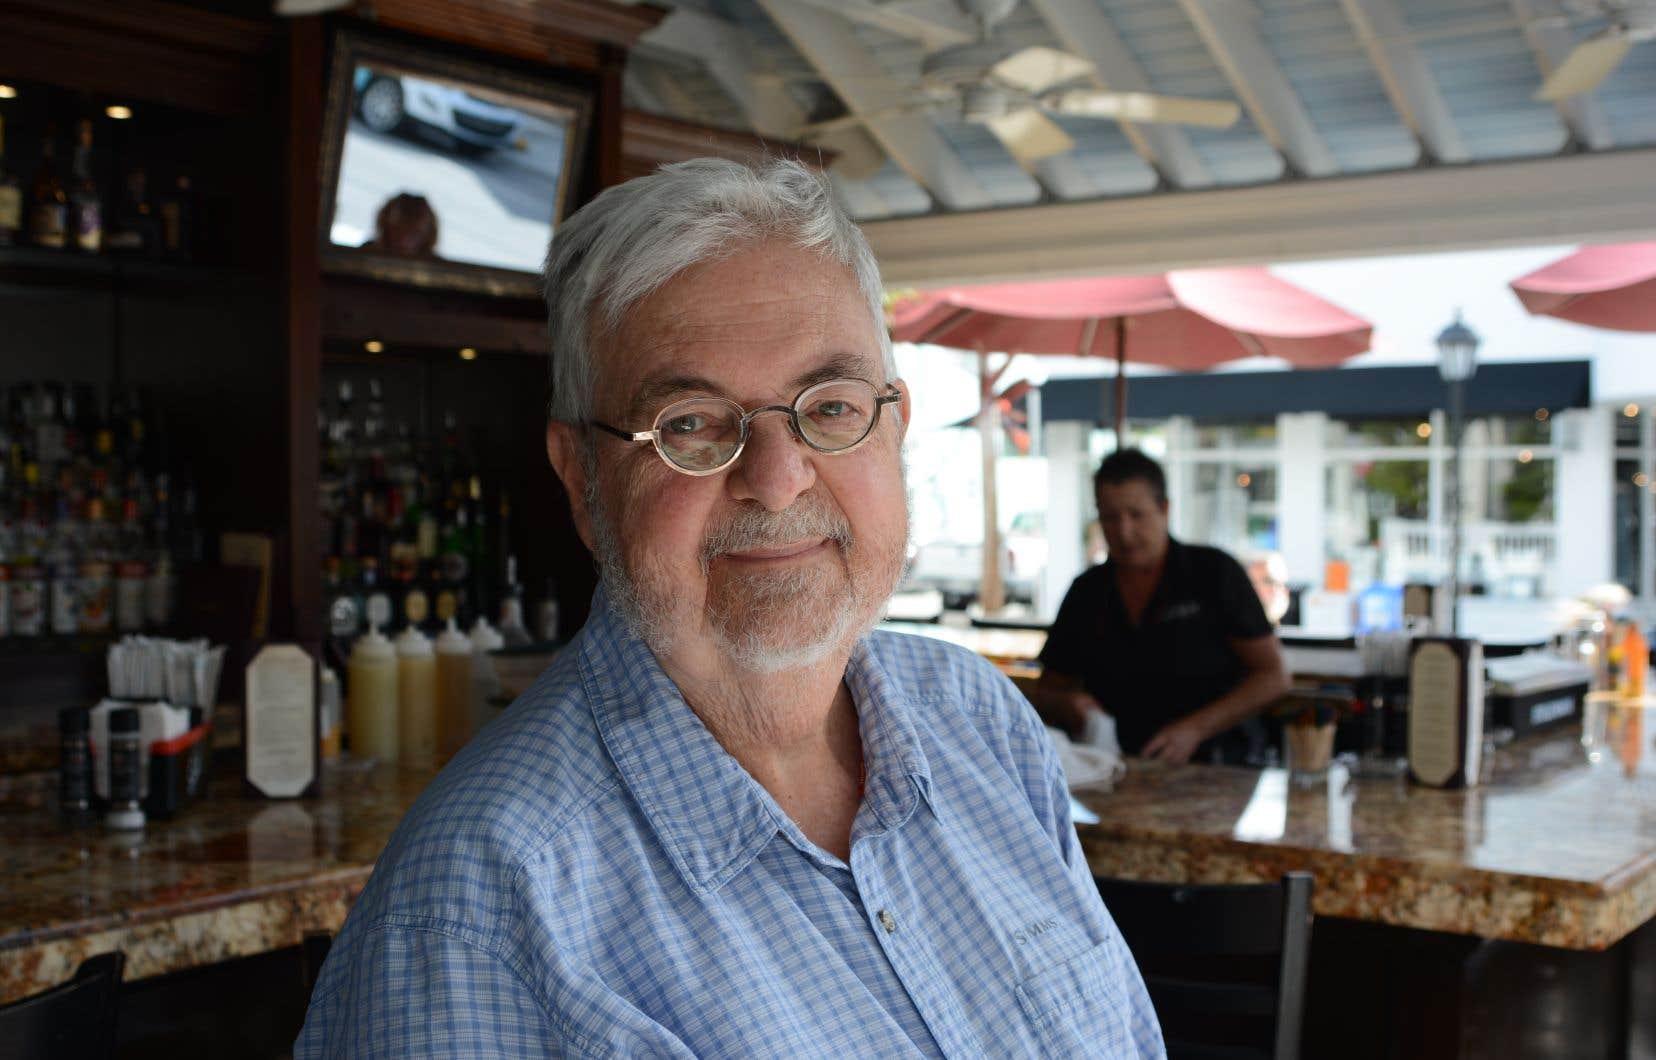 Key West est avant tout un lieu de travail pour Tremblay. Un endroit où il a conçu 95% de tout ce qu'il a écrit depuis 28ans, même si l'île est pratiquement absente de son œuvre, apparaissant uniquement dans «Le cœur éclaté».